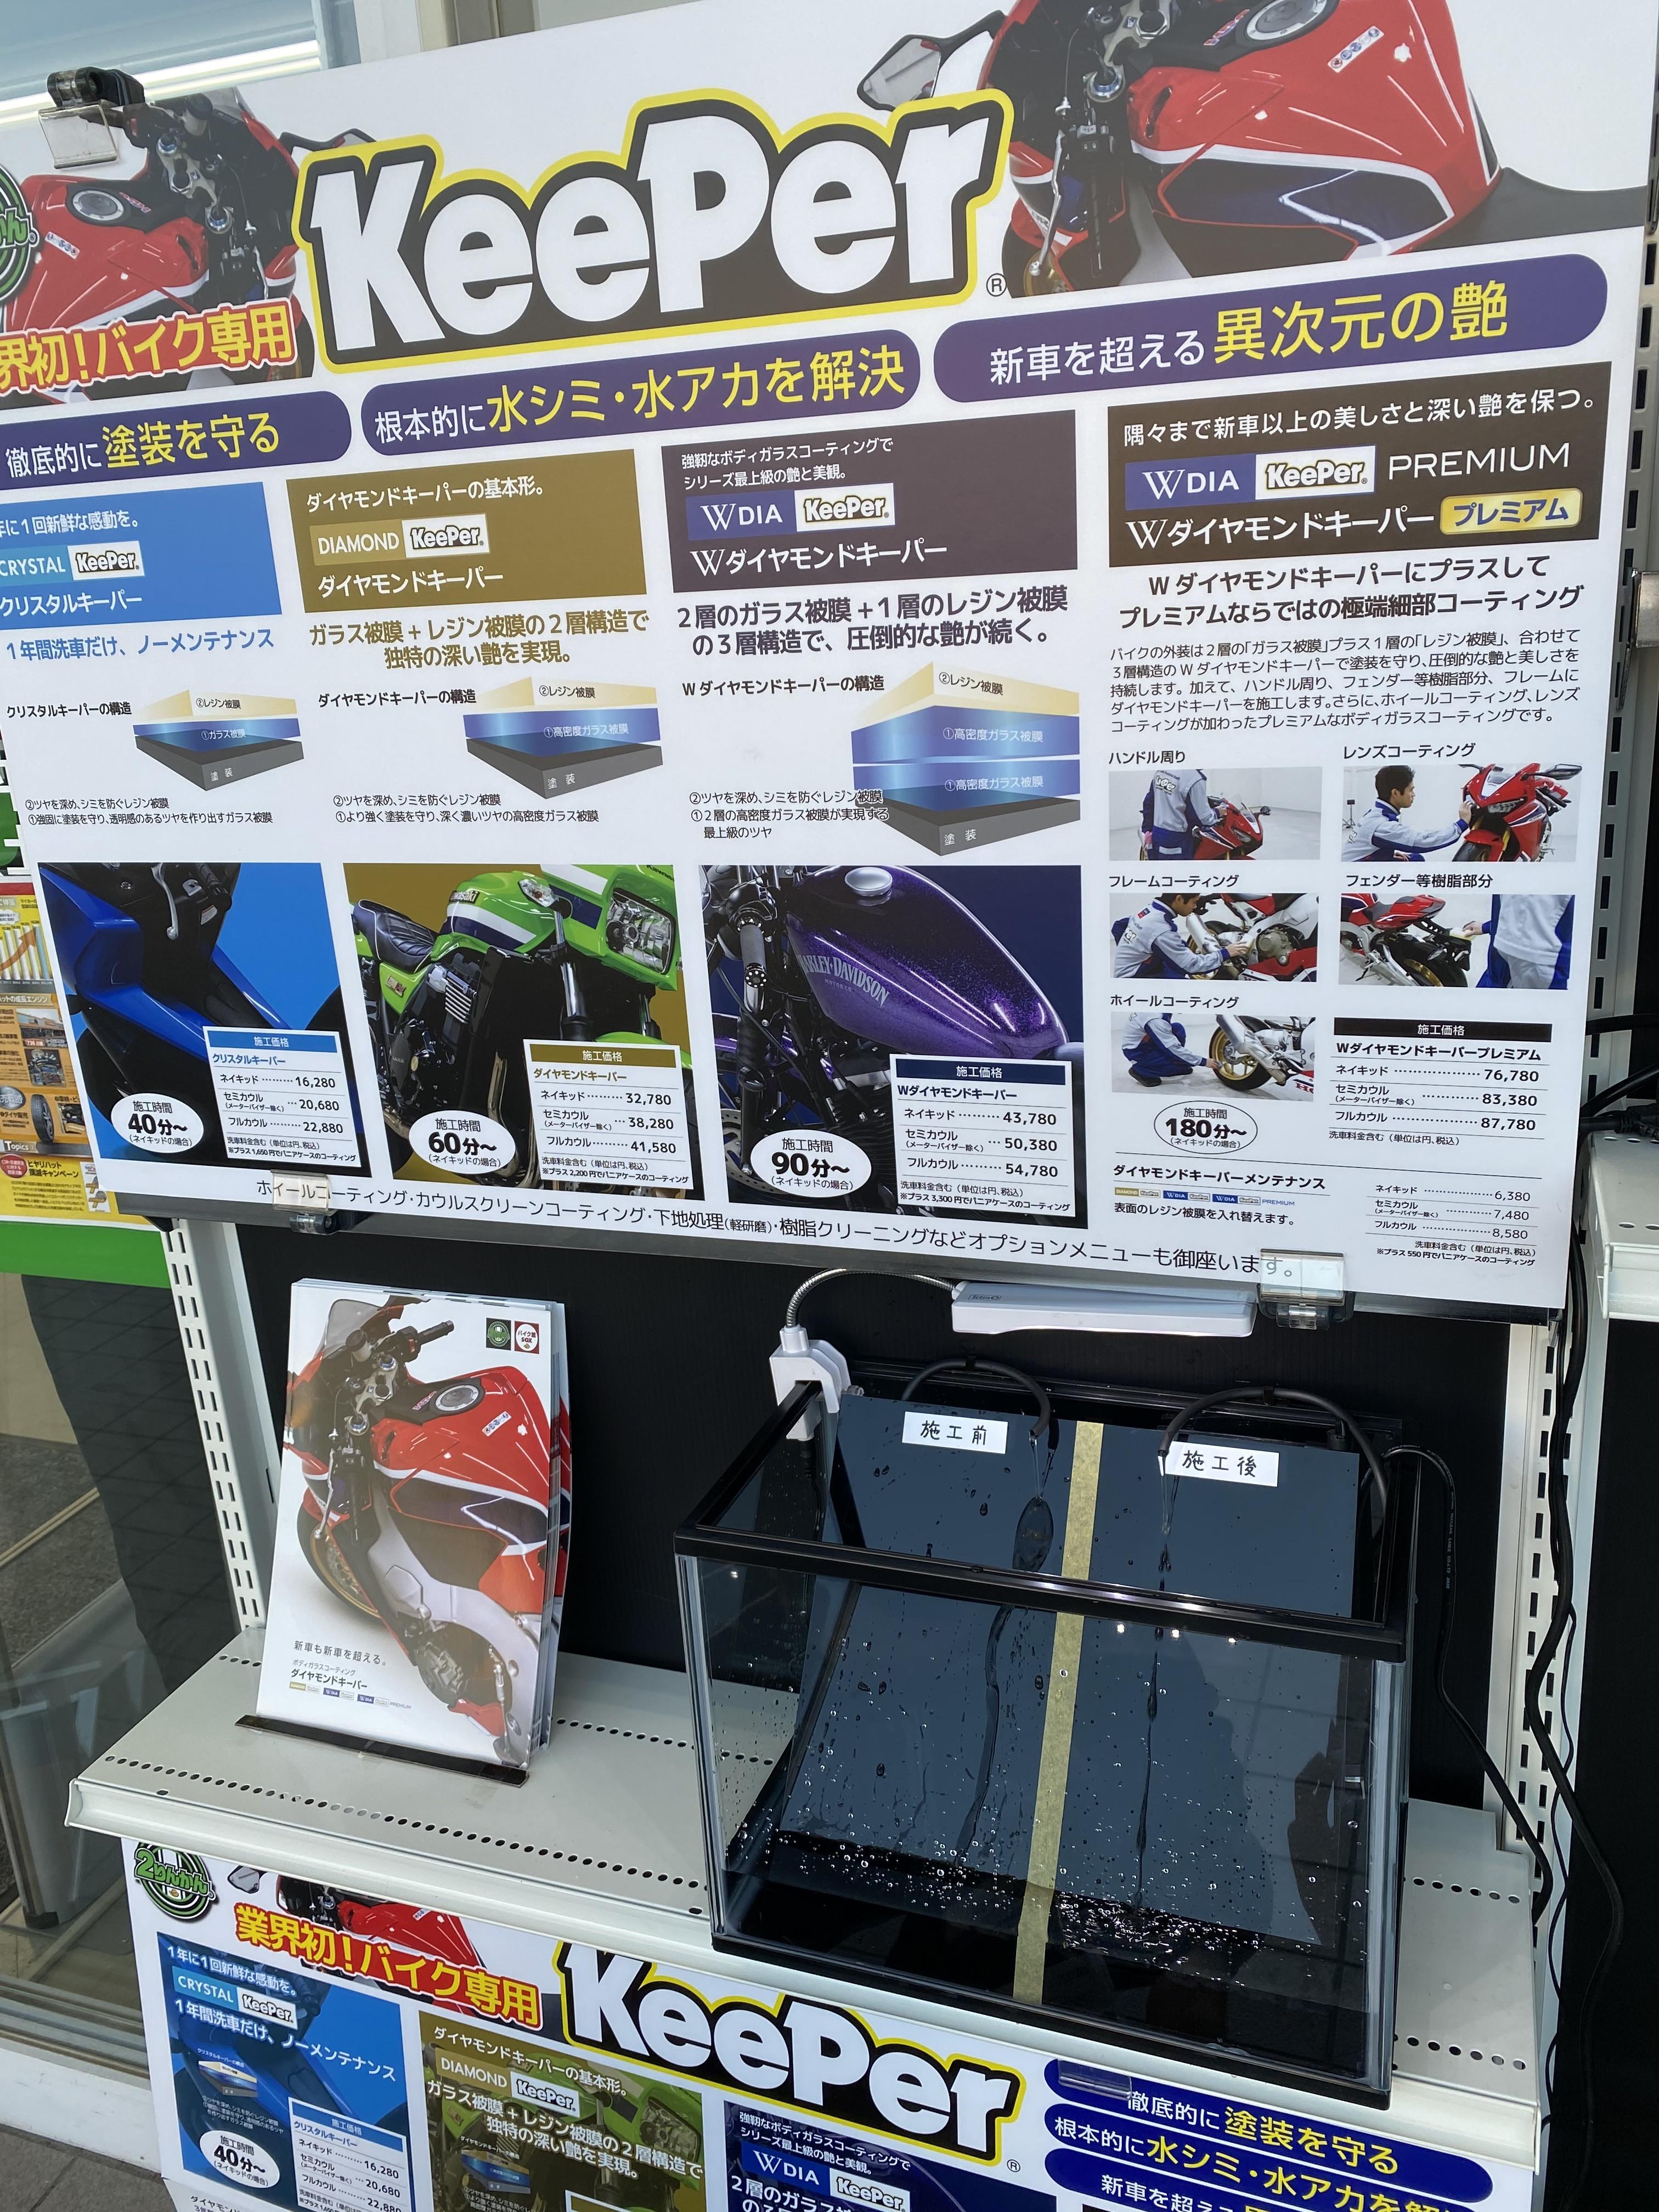 KeePerコーティング 洗車 コーティング ガラスコーティング ピカピカ 綺麗 車検と同時 お買い得 2りんかん バイク 用品 タイヤ ヘルメット ジャケット